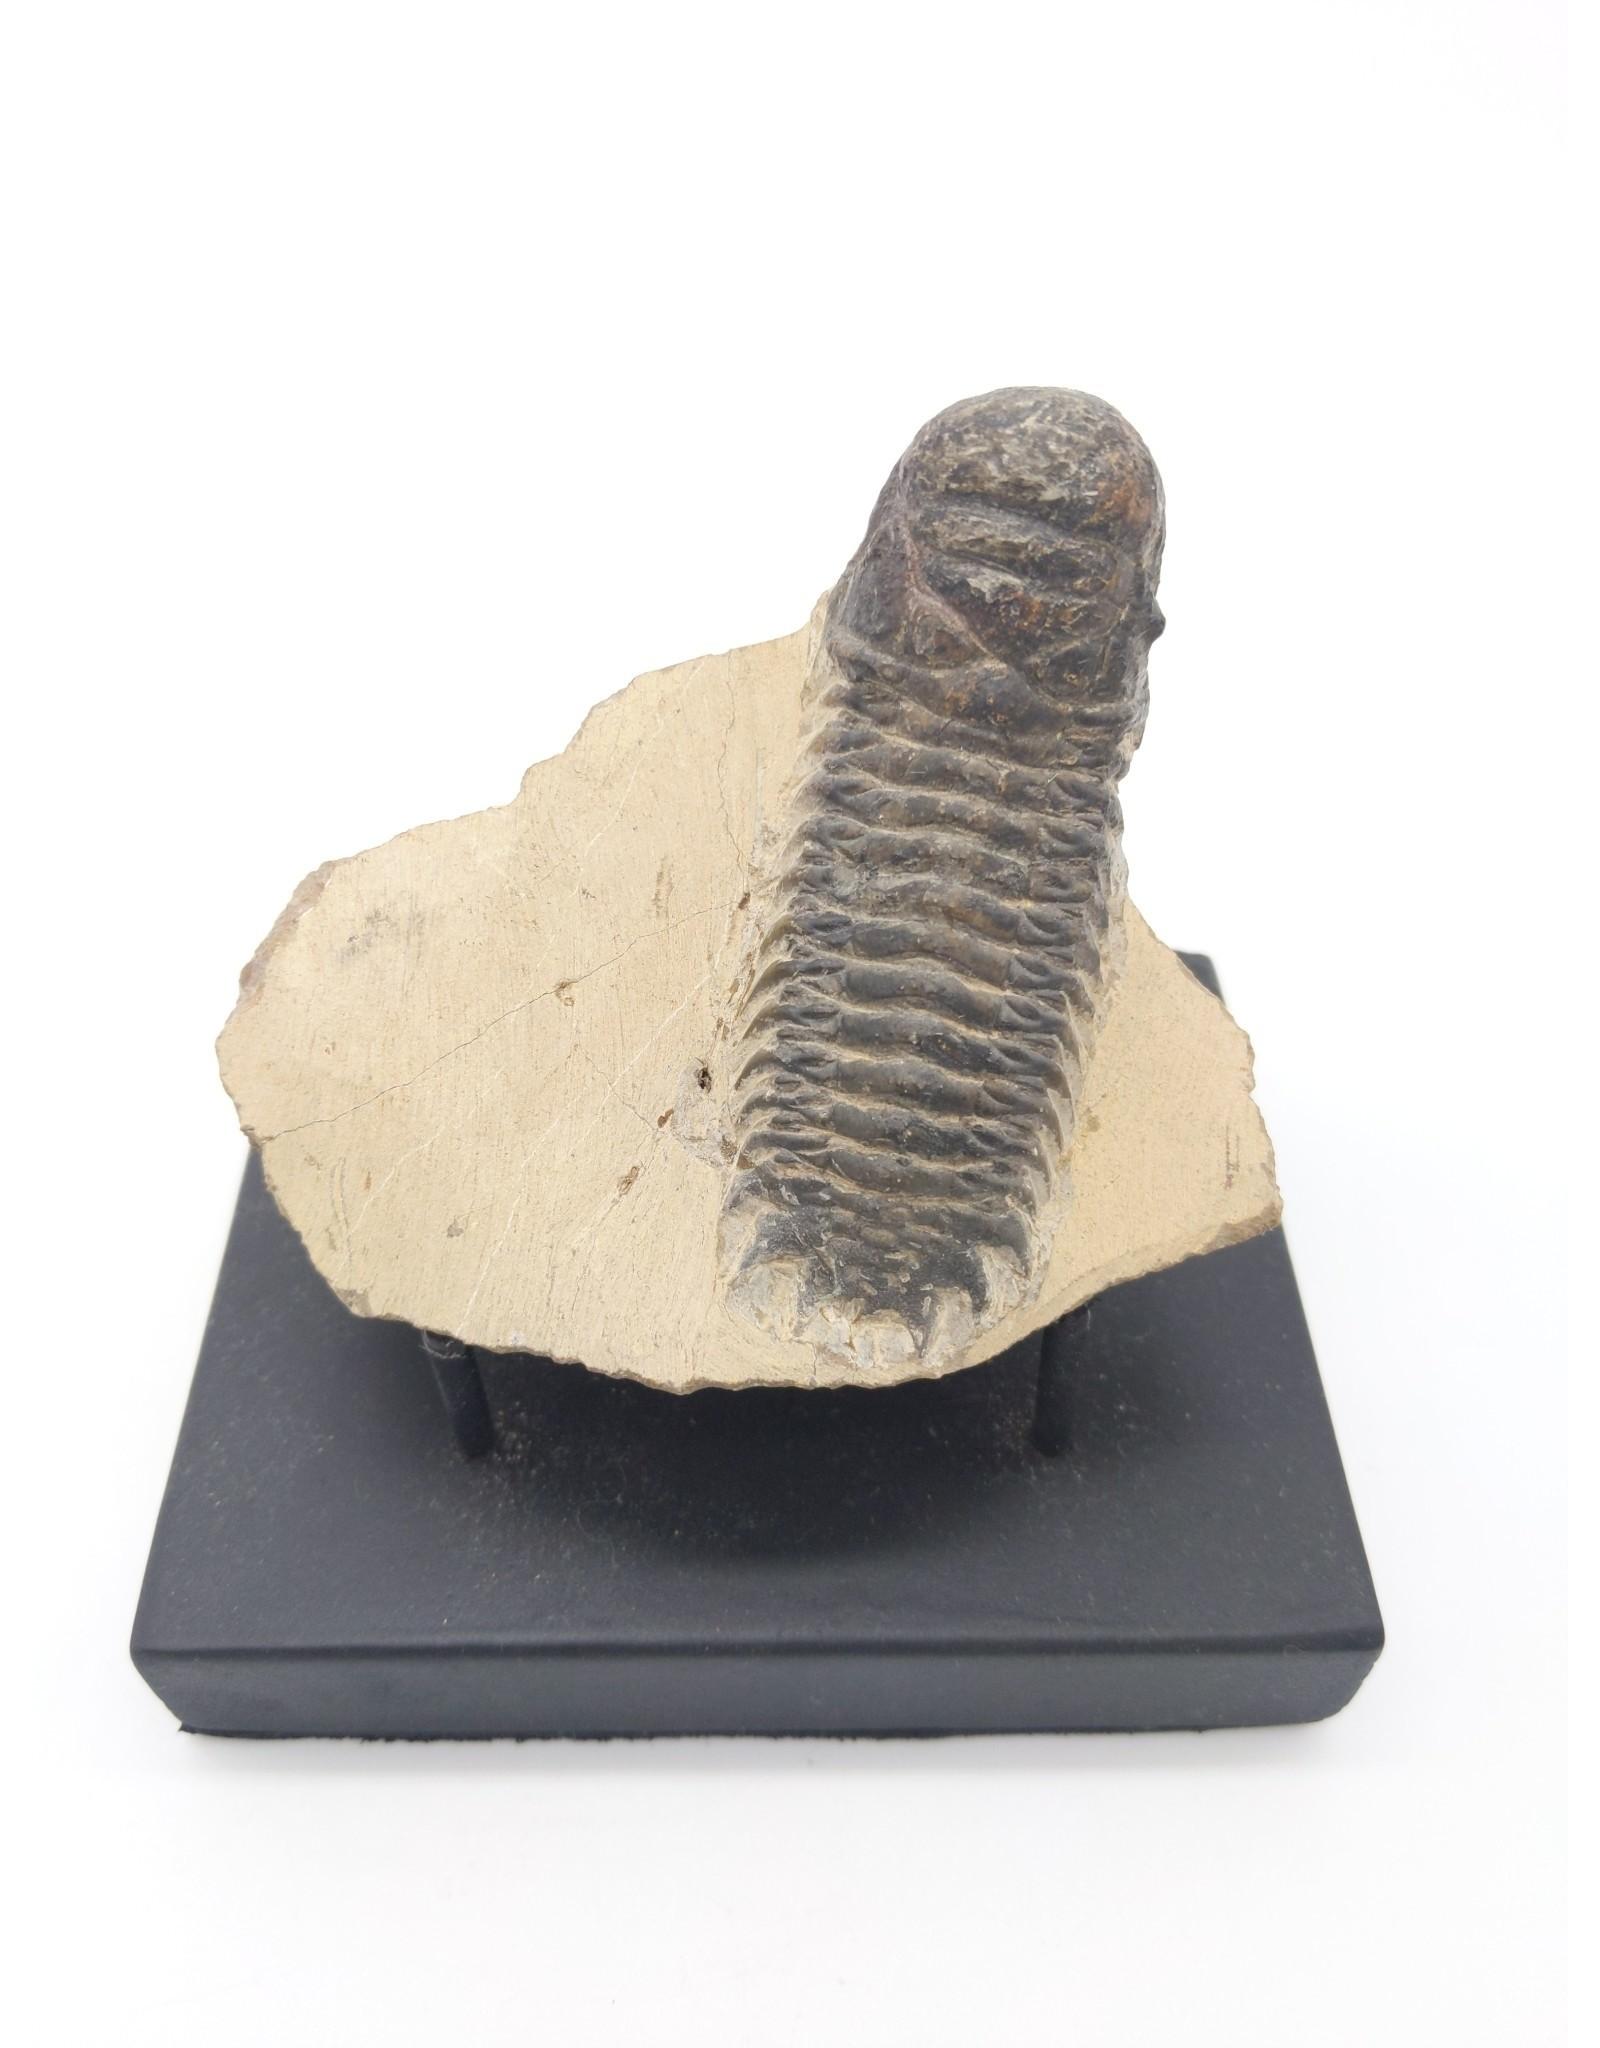 Fossil Trilobite in Matrix (Morocco)